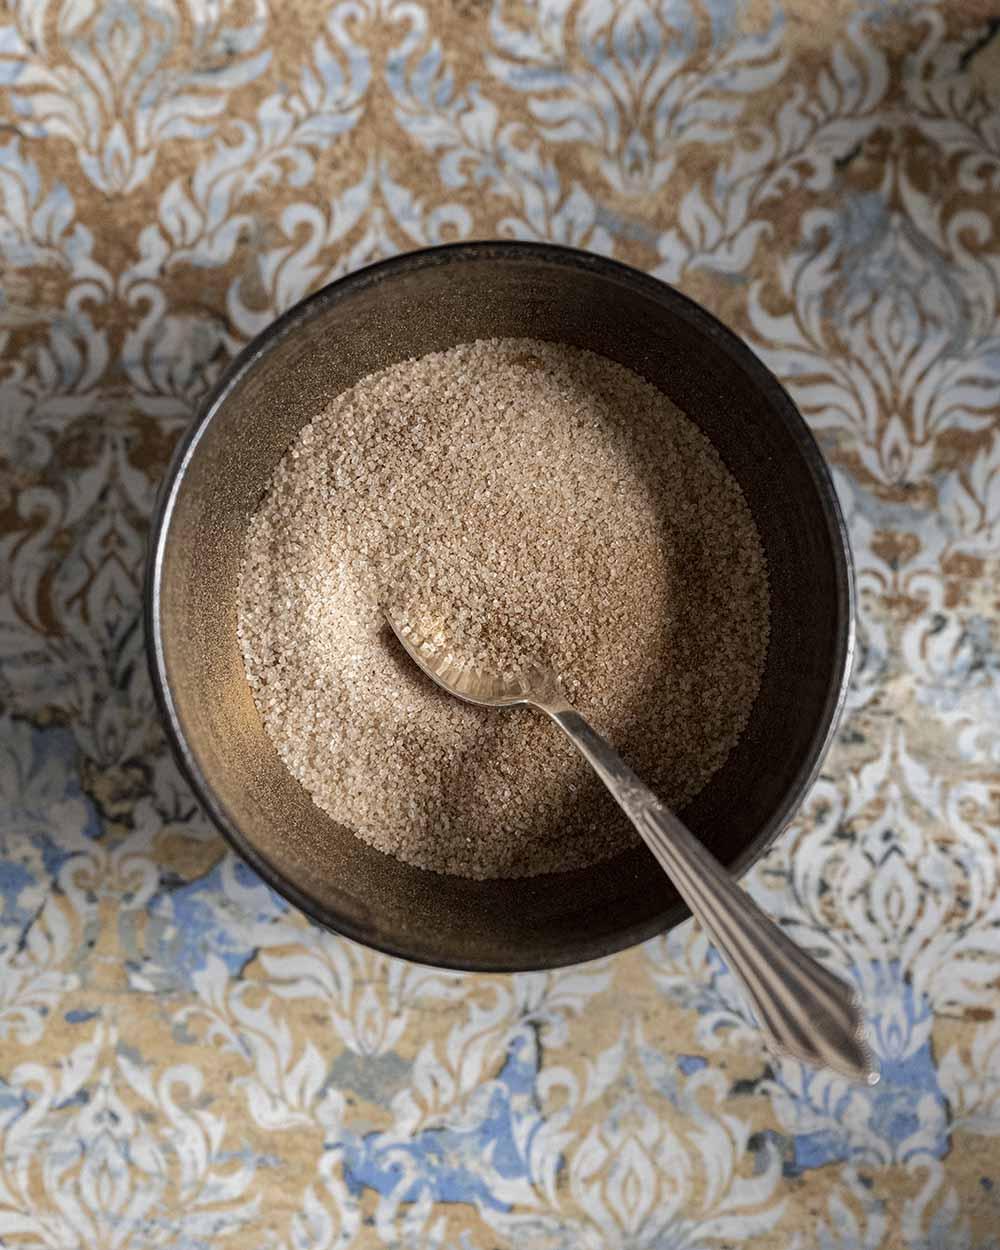 Eine Schale mit Zimt und Zucker. Zimt-Zucker geben wir auch in unseren Zwetschgenkuchen.